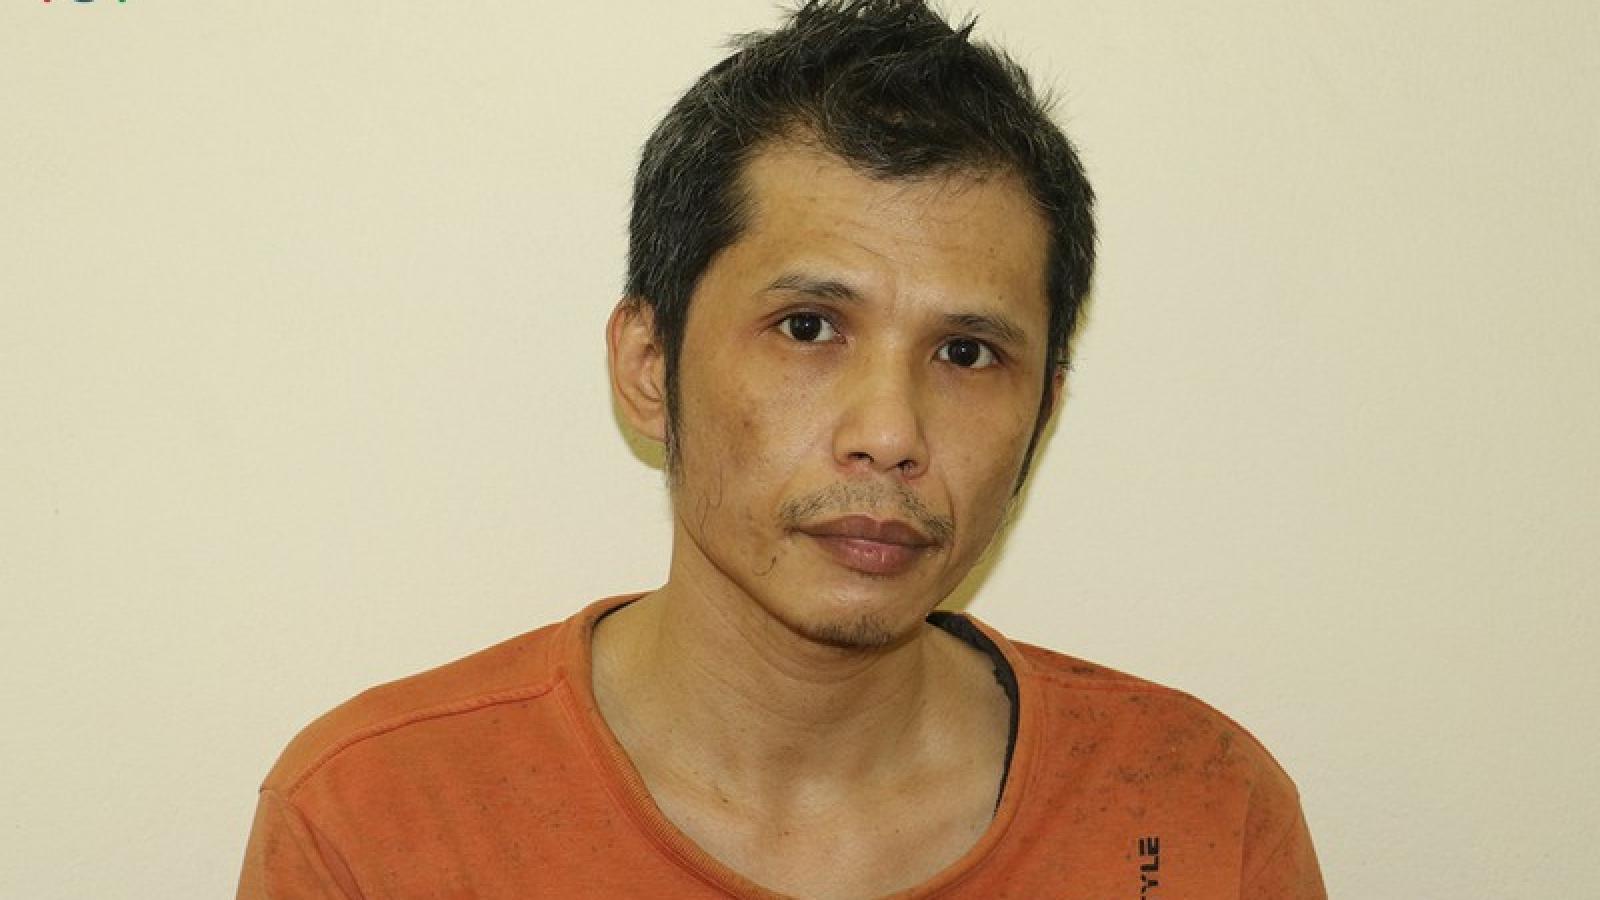 Khởi tố đối tượng tung tin thất thiệt Việt Nam có ca tử vong vì Covid-19 Thể hiện